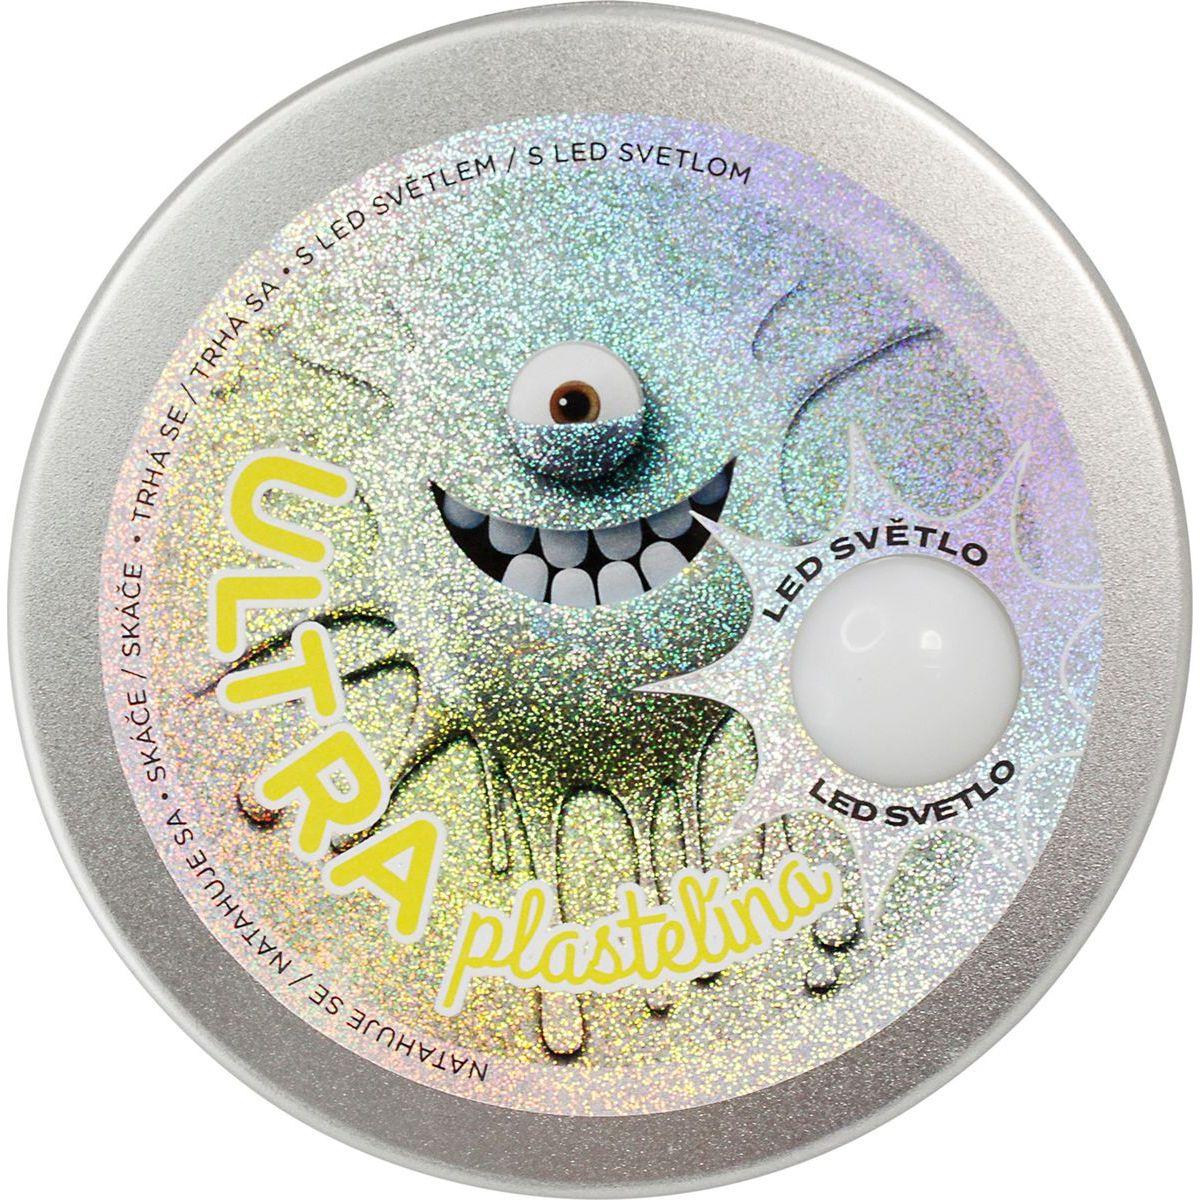 Ultra Plastelína 80g s led svetlom žltá